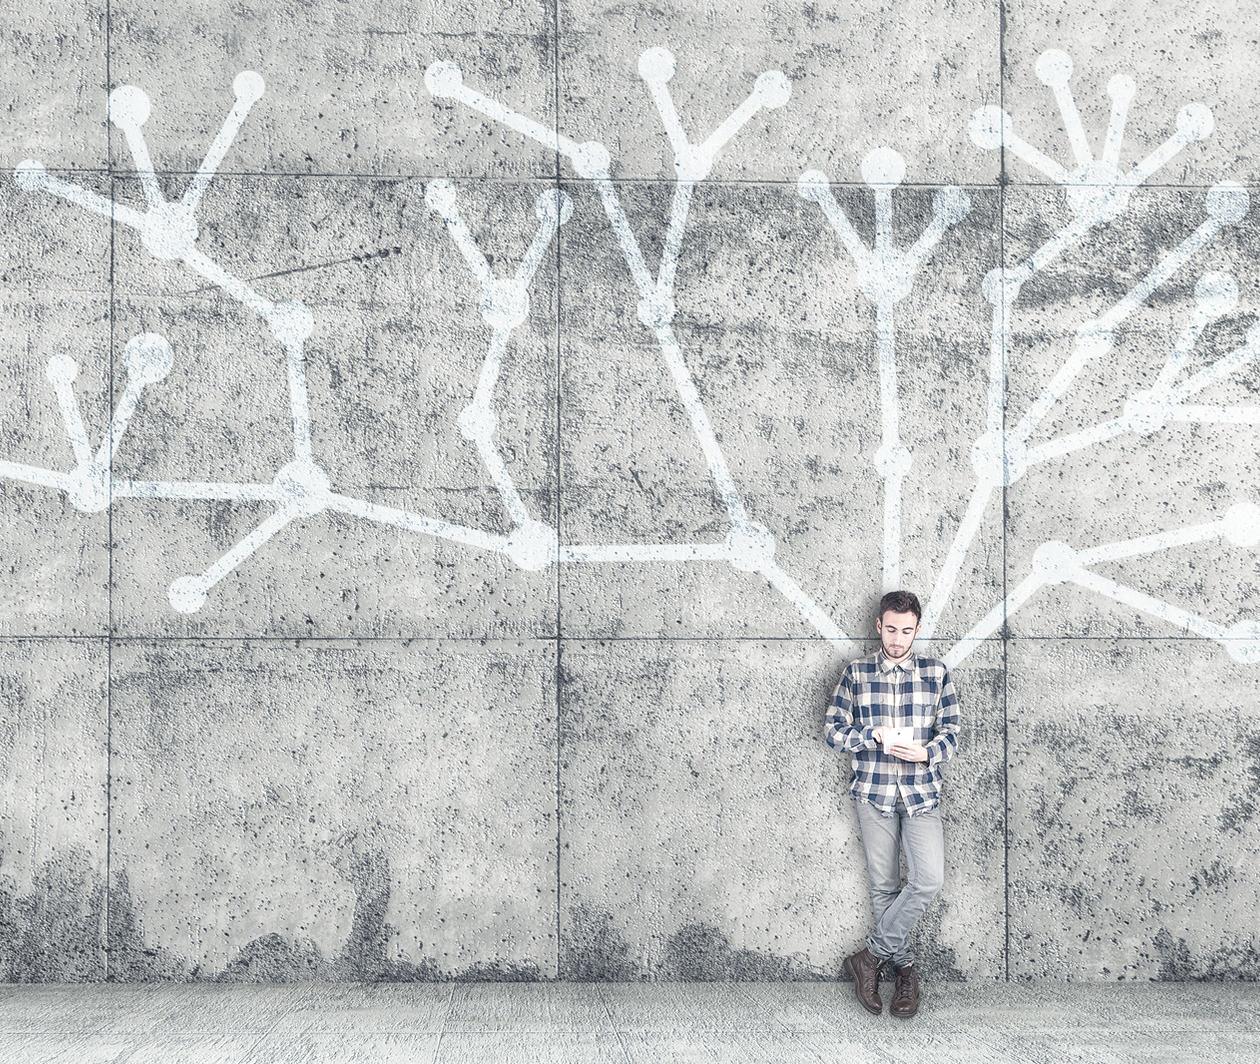 Curso SMART-ASD: Conectando Tecnologías con Personas con Autismo